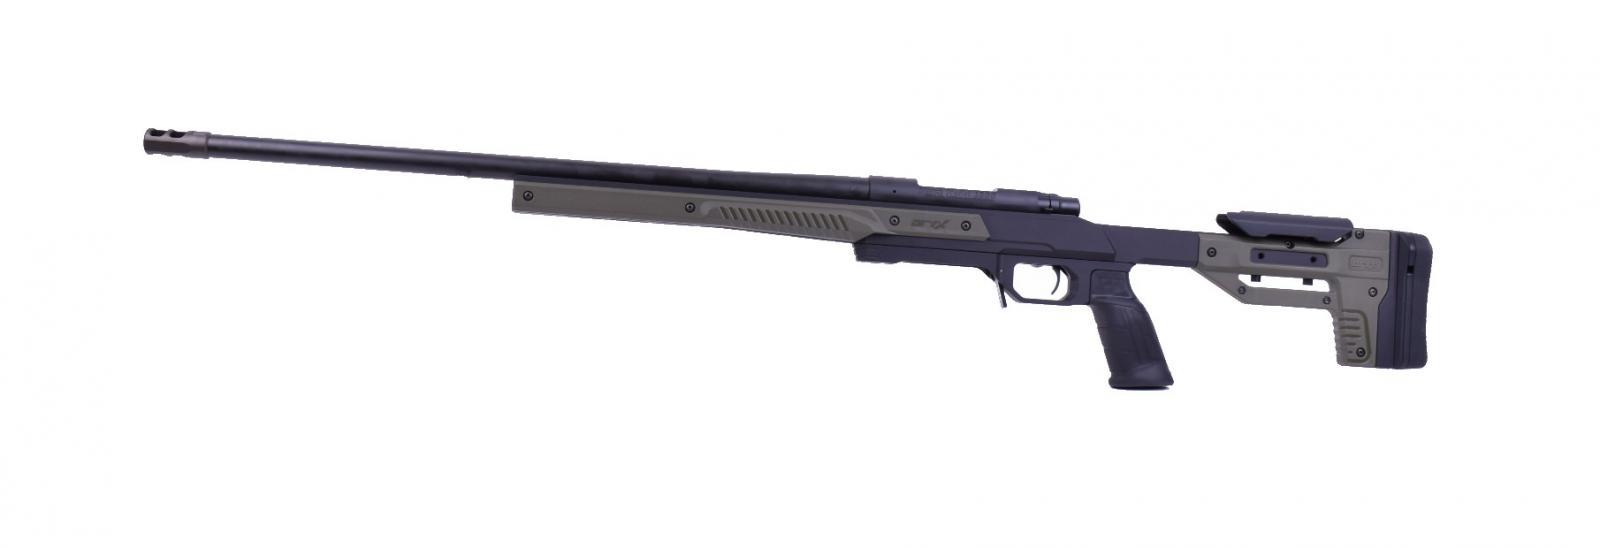 """Carabine à répétition HOWA 1500 Oryx 24"""" Cal. 6.5 Creedmoor"""